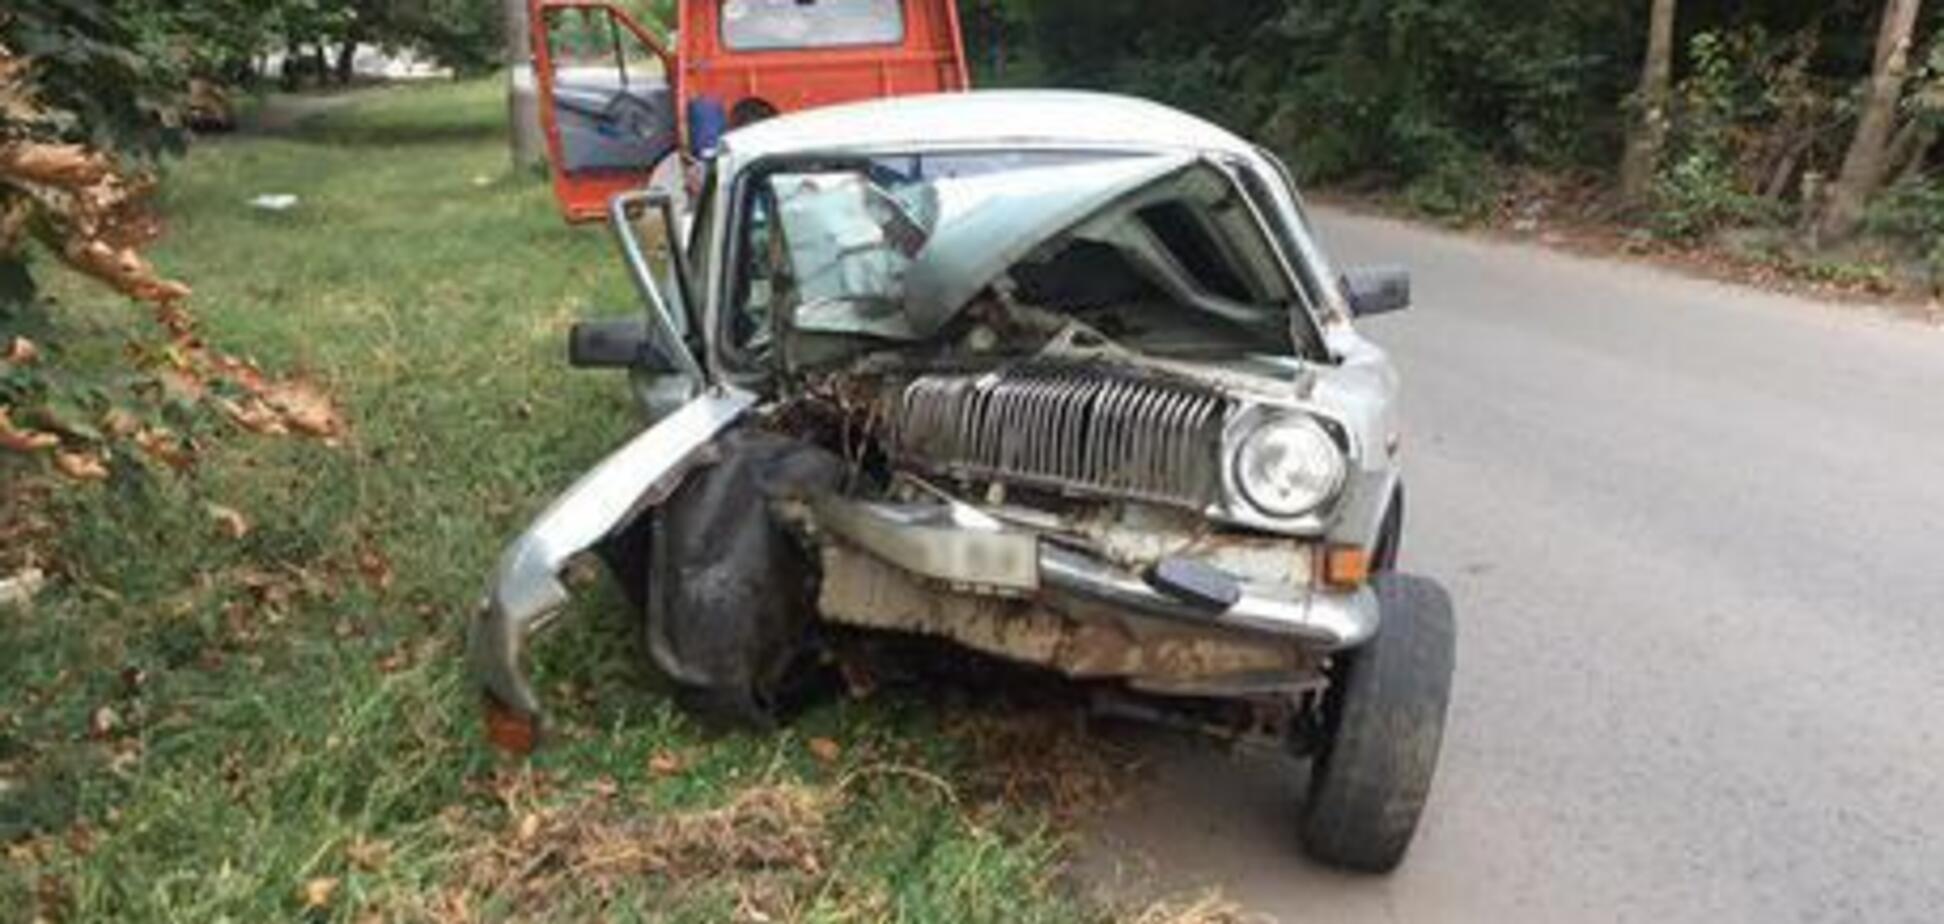 Понівечене авто і покалічений пасажир: в Кривому Розі сталася страшна ДТП